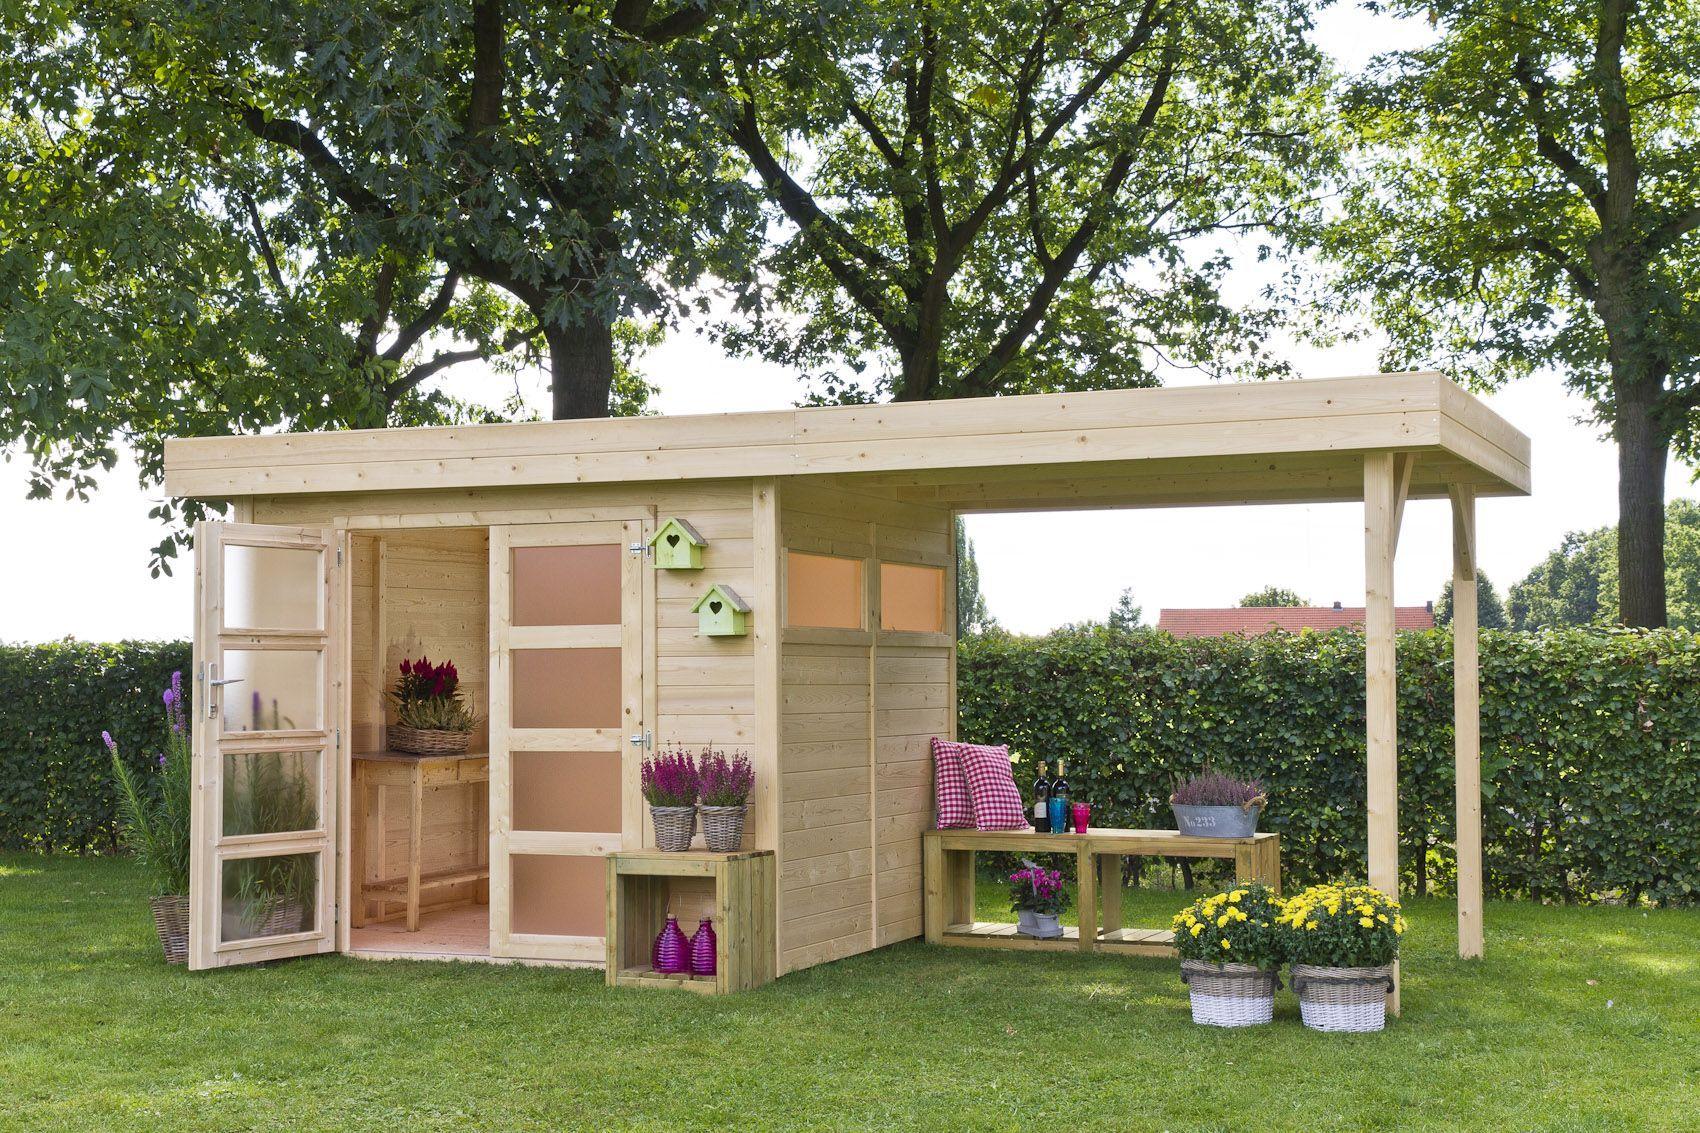 Casetta Giardino In Legno : Casetta in legno vermont 303x245 cm casette da giardino